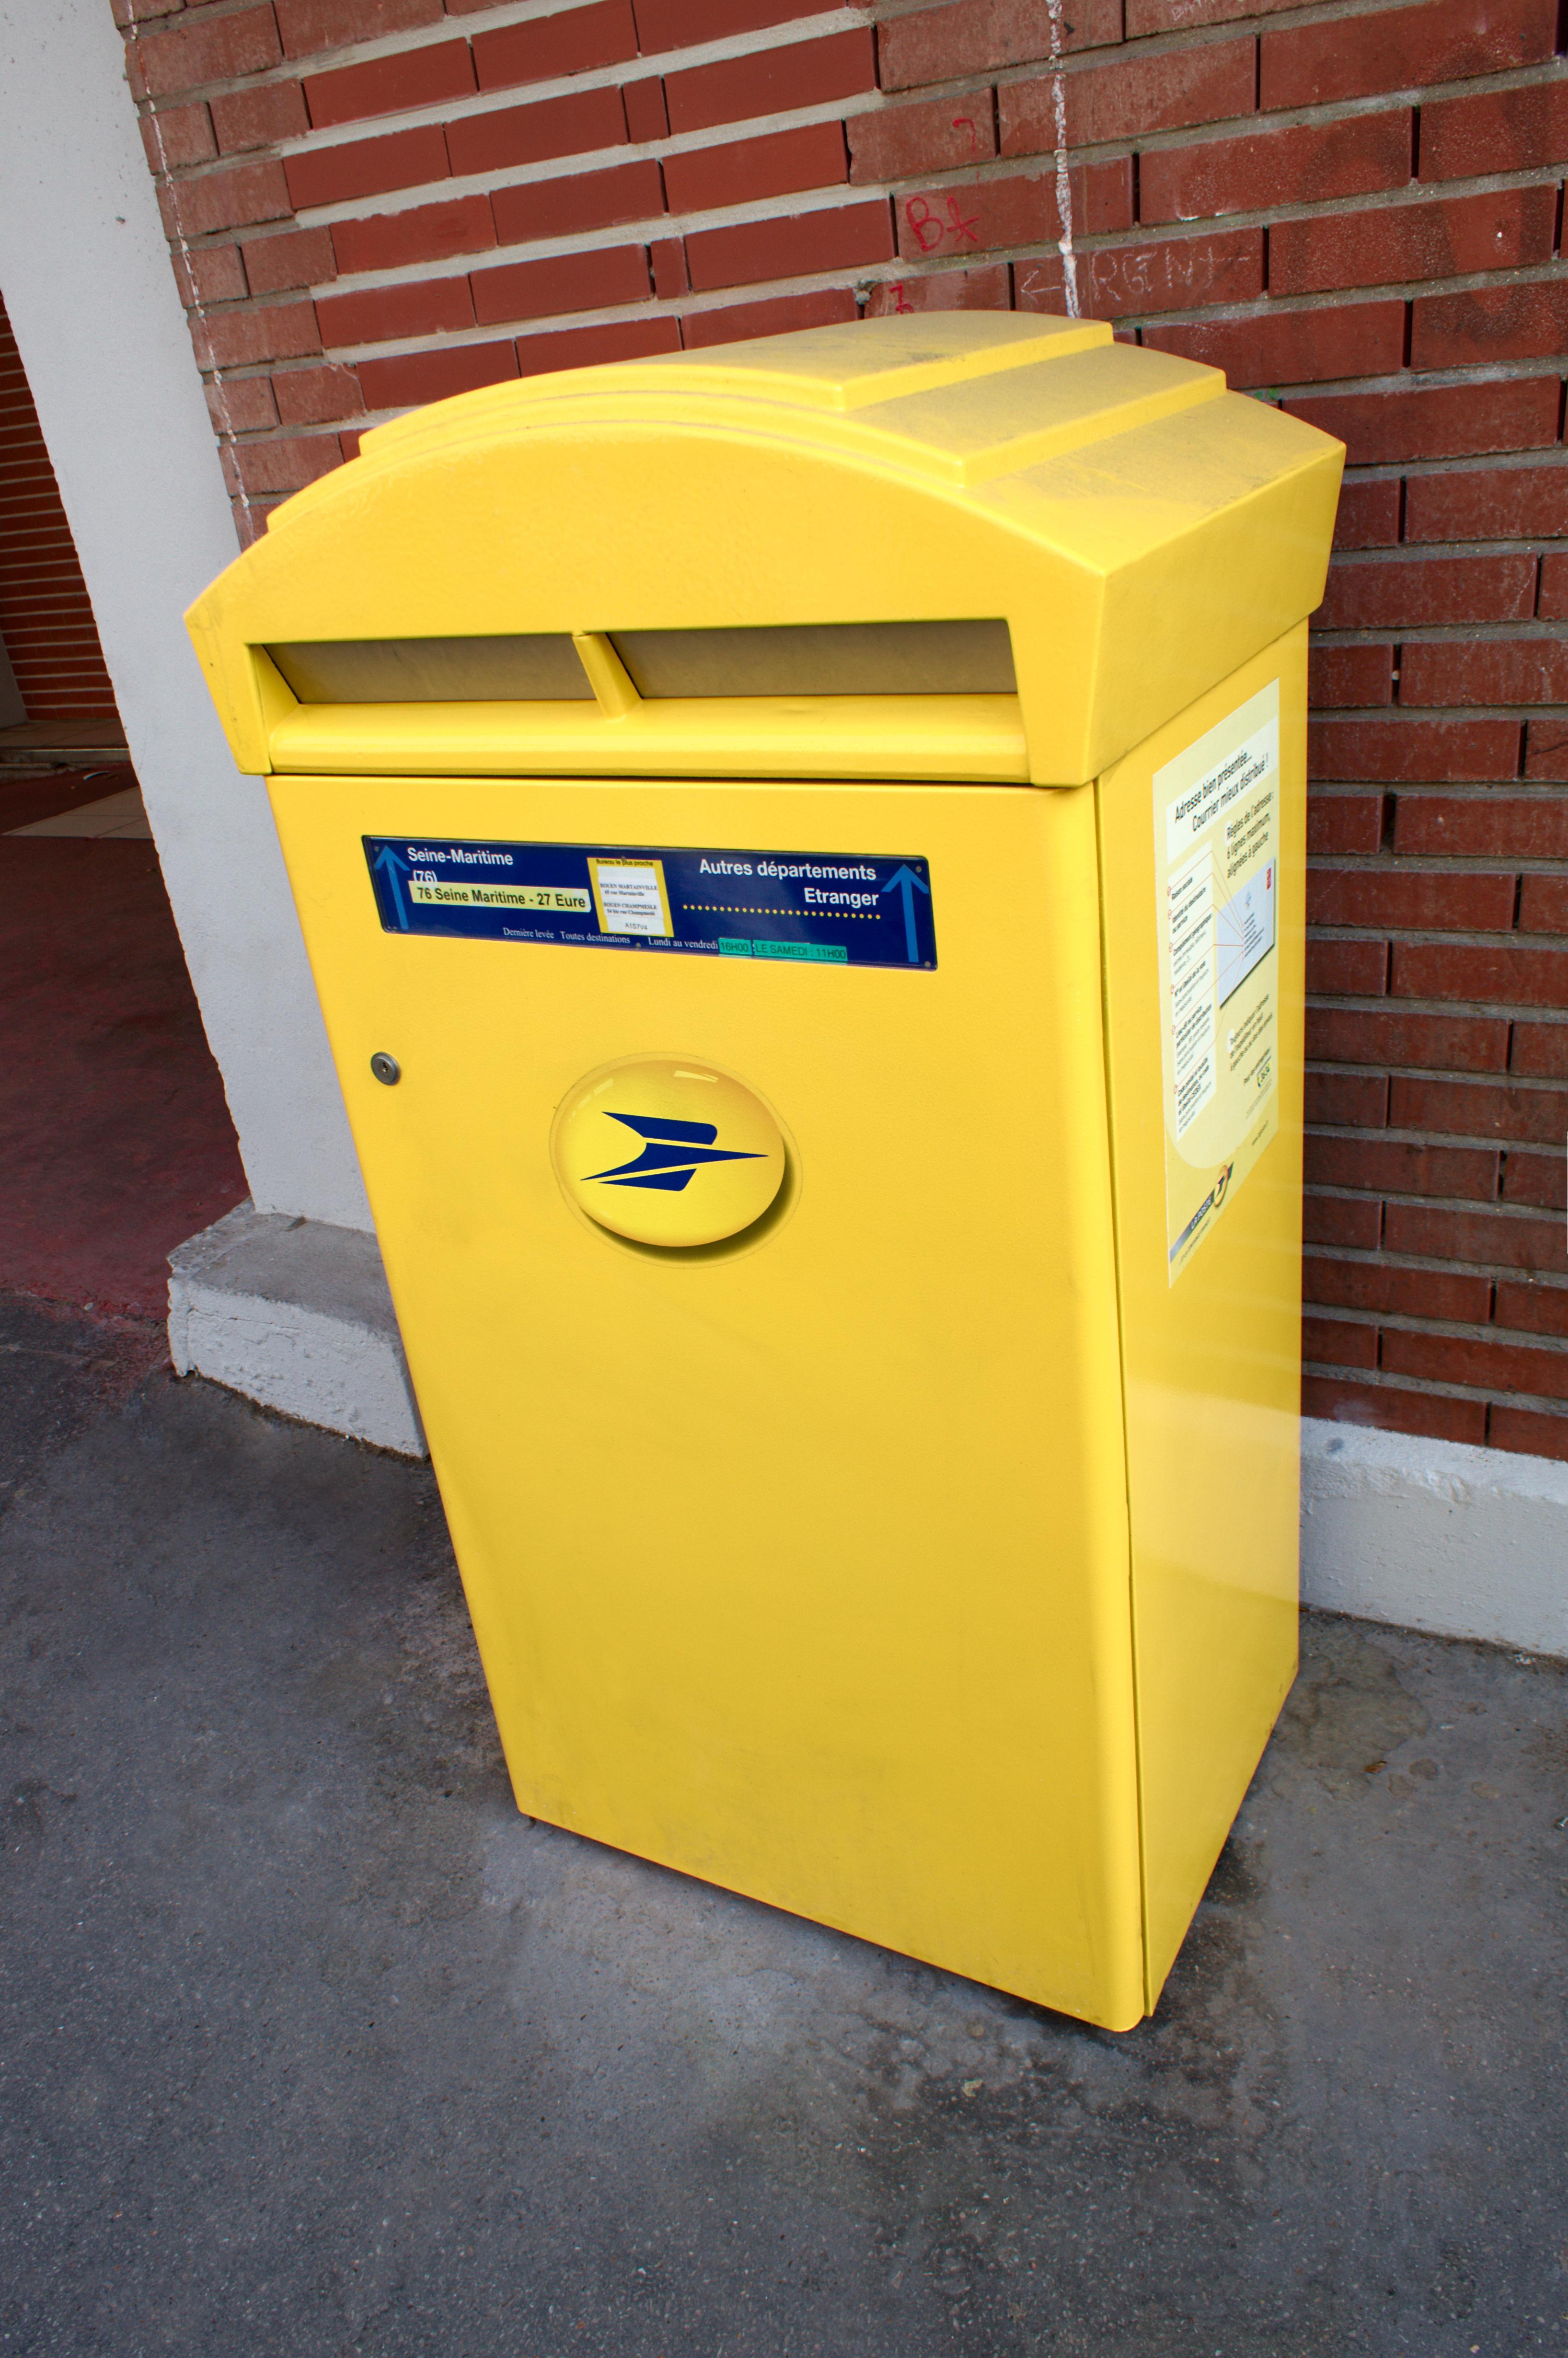 Bo te aux lettres la poste flickr photo sharing - Boite aux lettres la poste ...